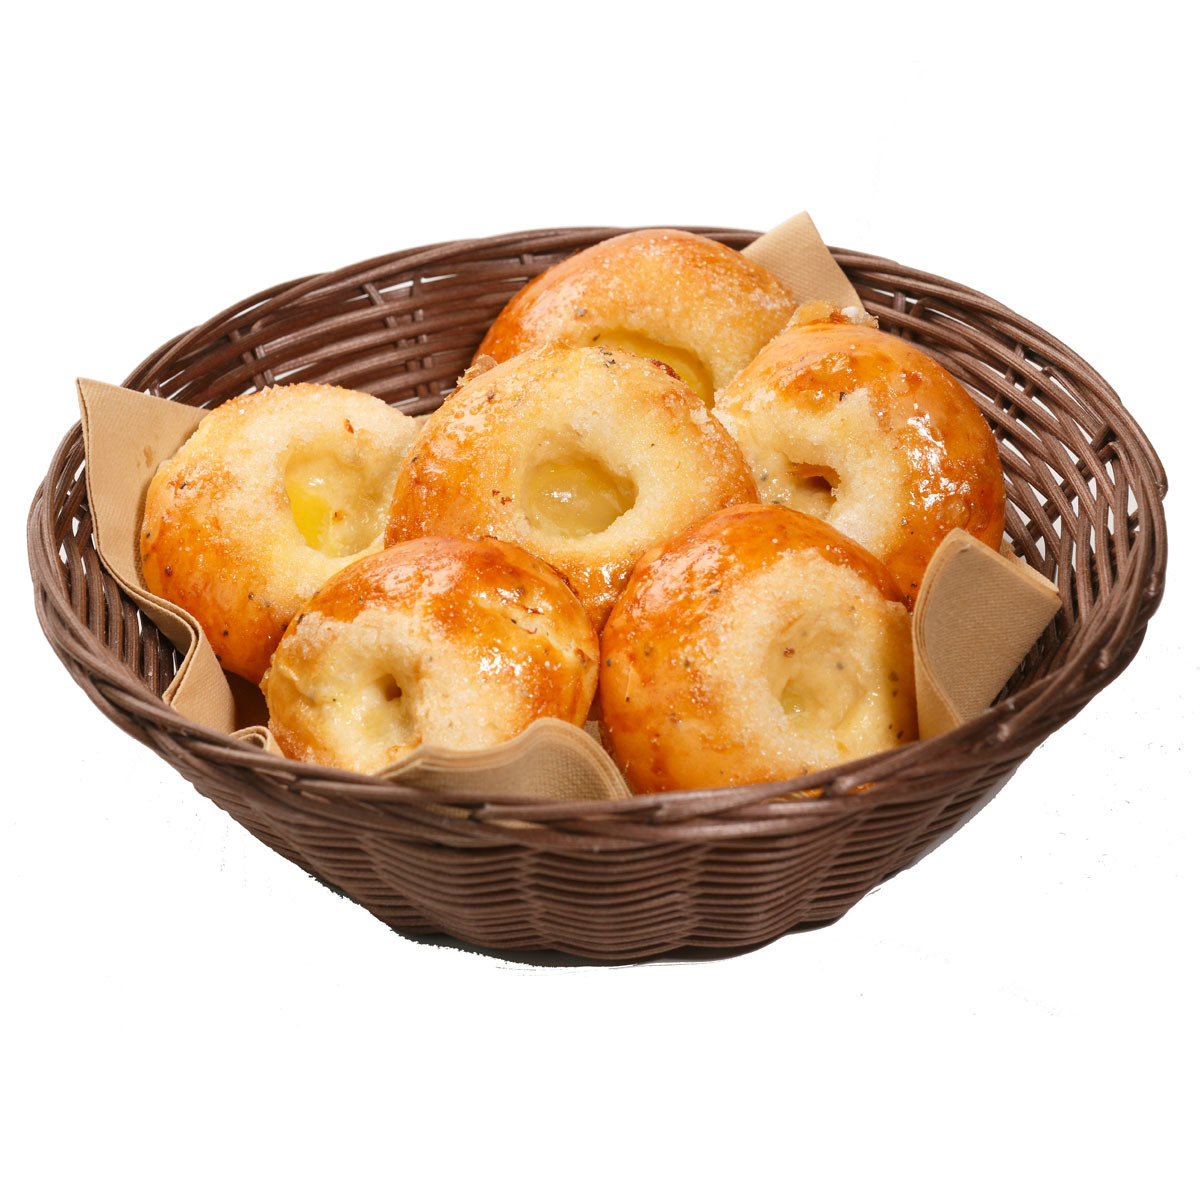 Voisilmäpulla (5 kpl) bakery053